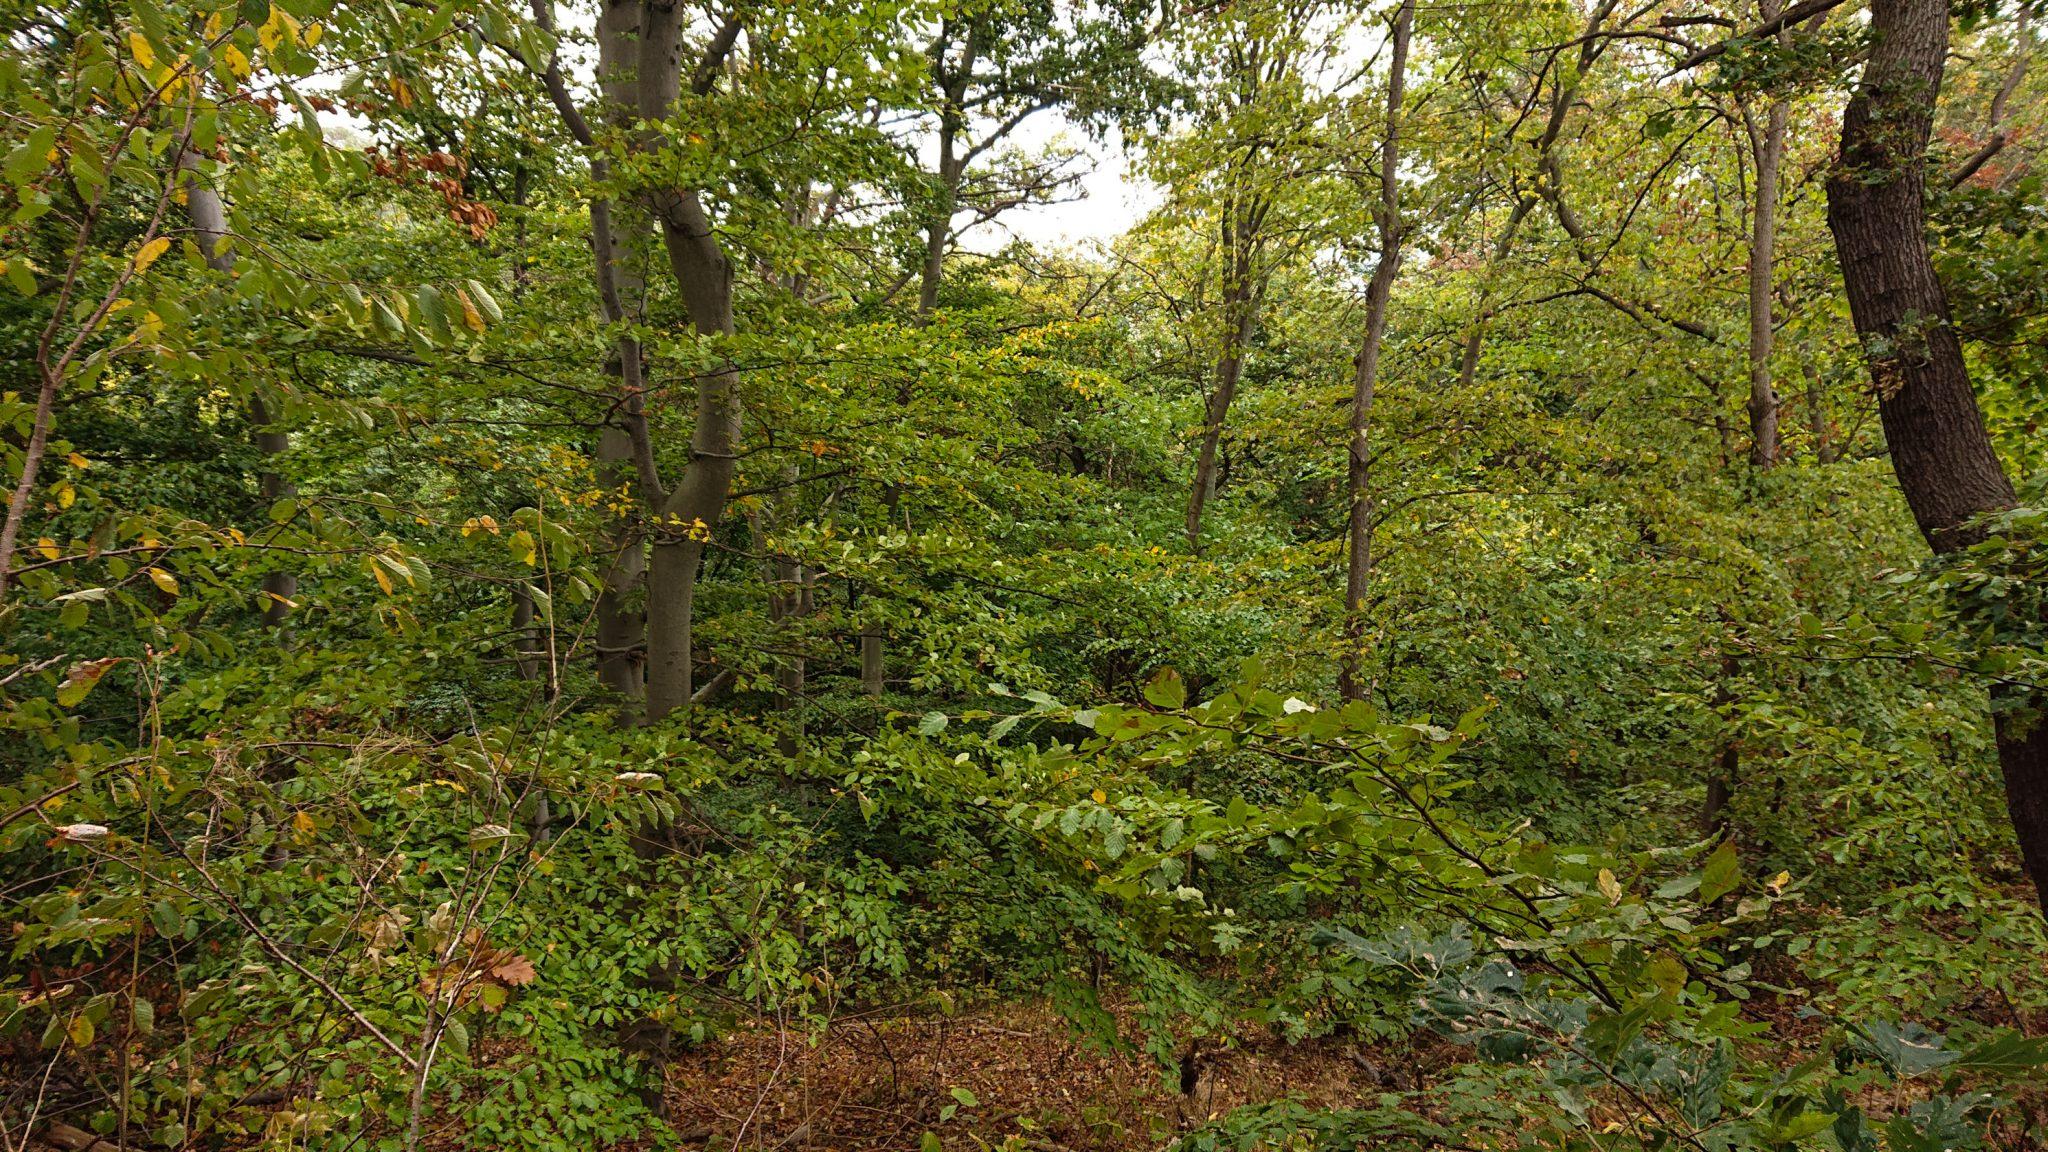 Rundwanderung auf der Blankenburger Teufelsmauer, Wanderung über den Nordhang durch schönen, dichten Buchenwald